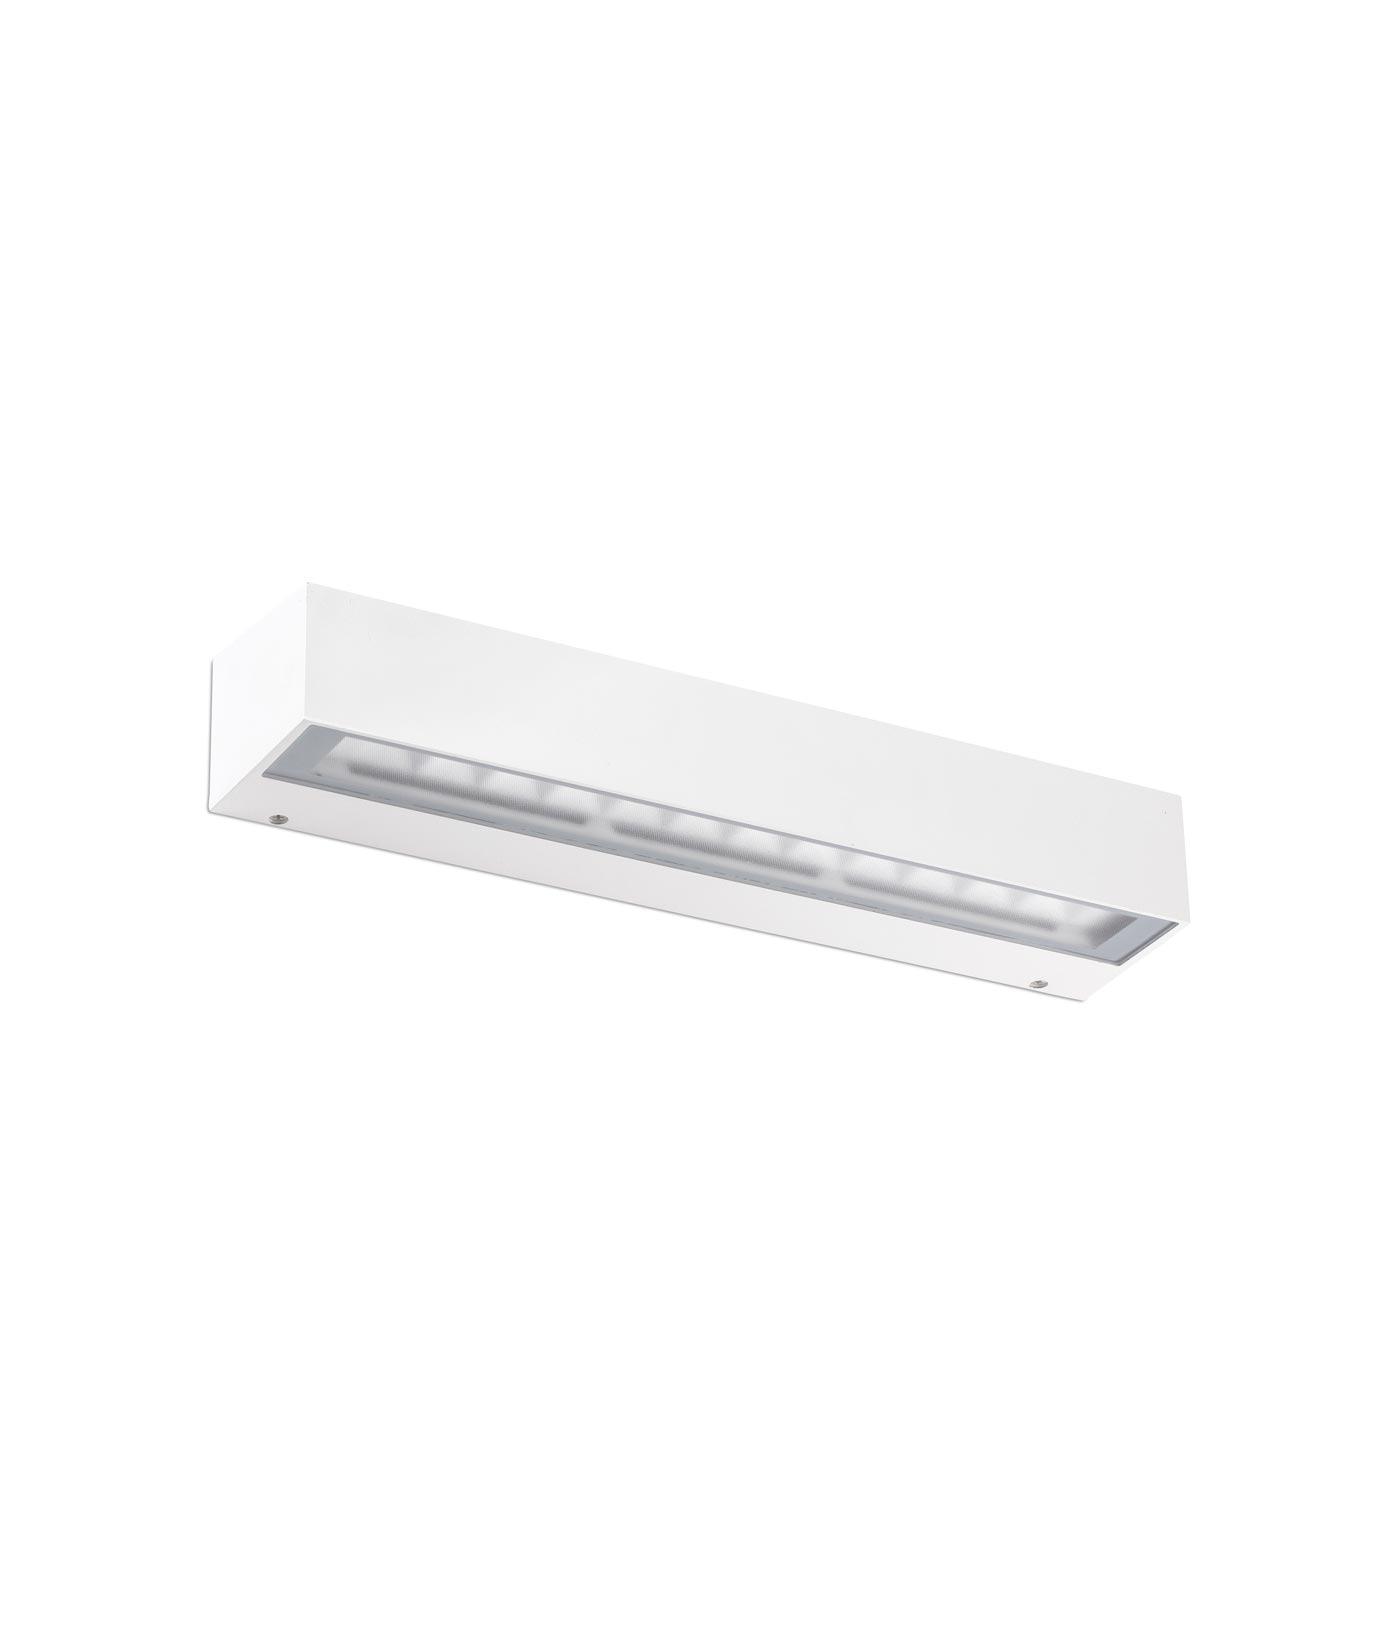 Luminaria blanca aplique exterior TACANA LED